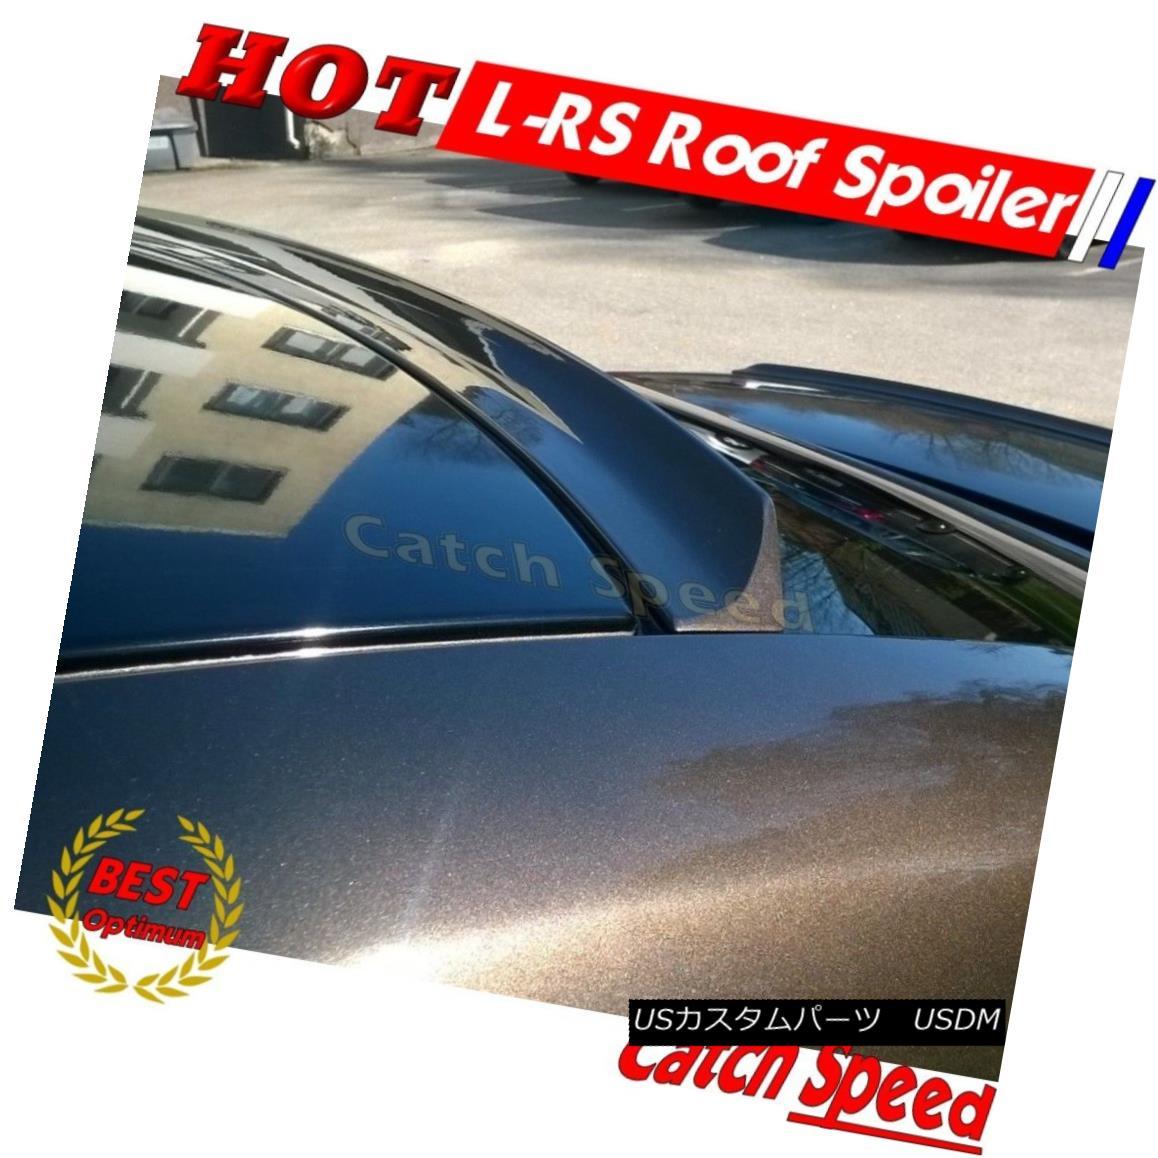 エアロパーツ Painted LRS Type Rear Roof Spoiler Wing For Honda Civic 2012-2015 Coupe ? ホンダシビック2012年-2015クーペのために塗られたLRSタイプのリアルーフスポイラーウィング?